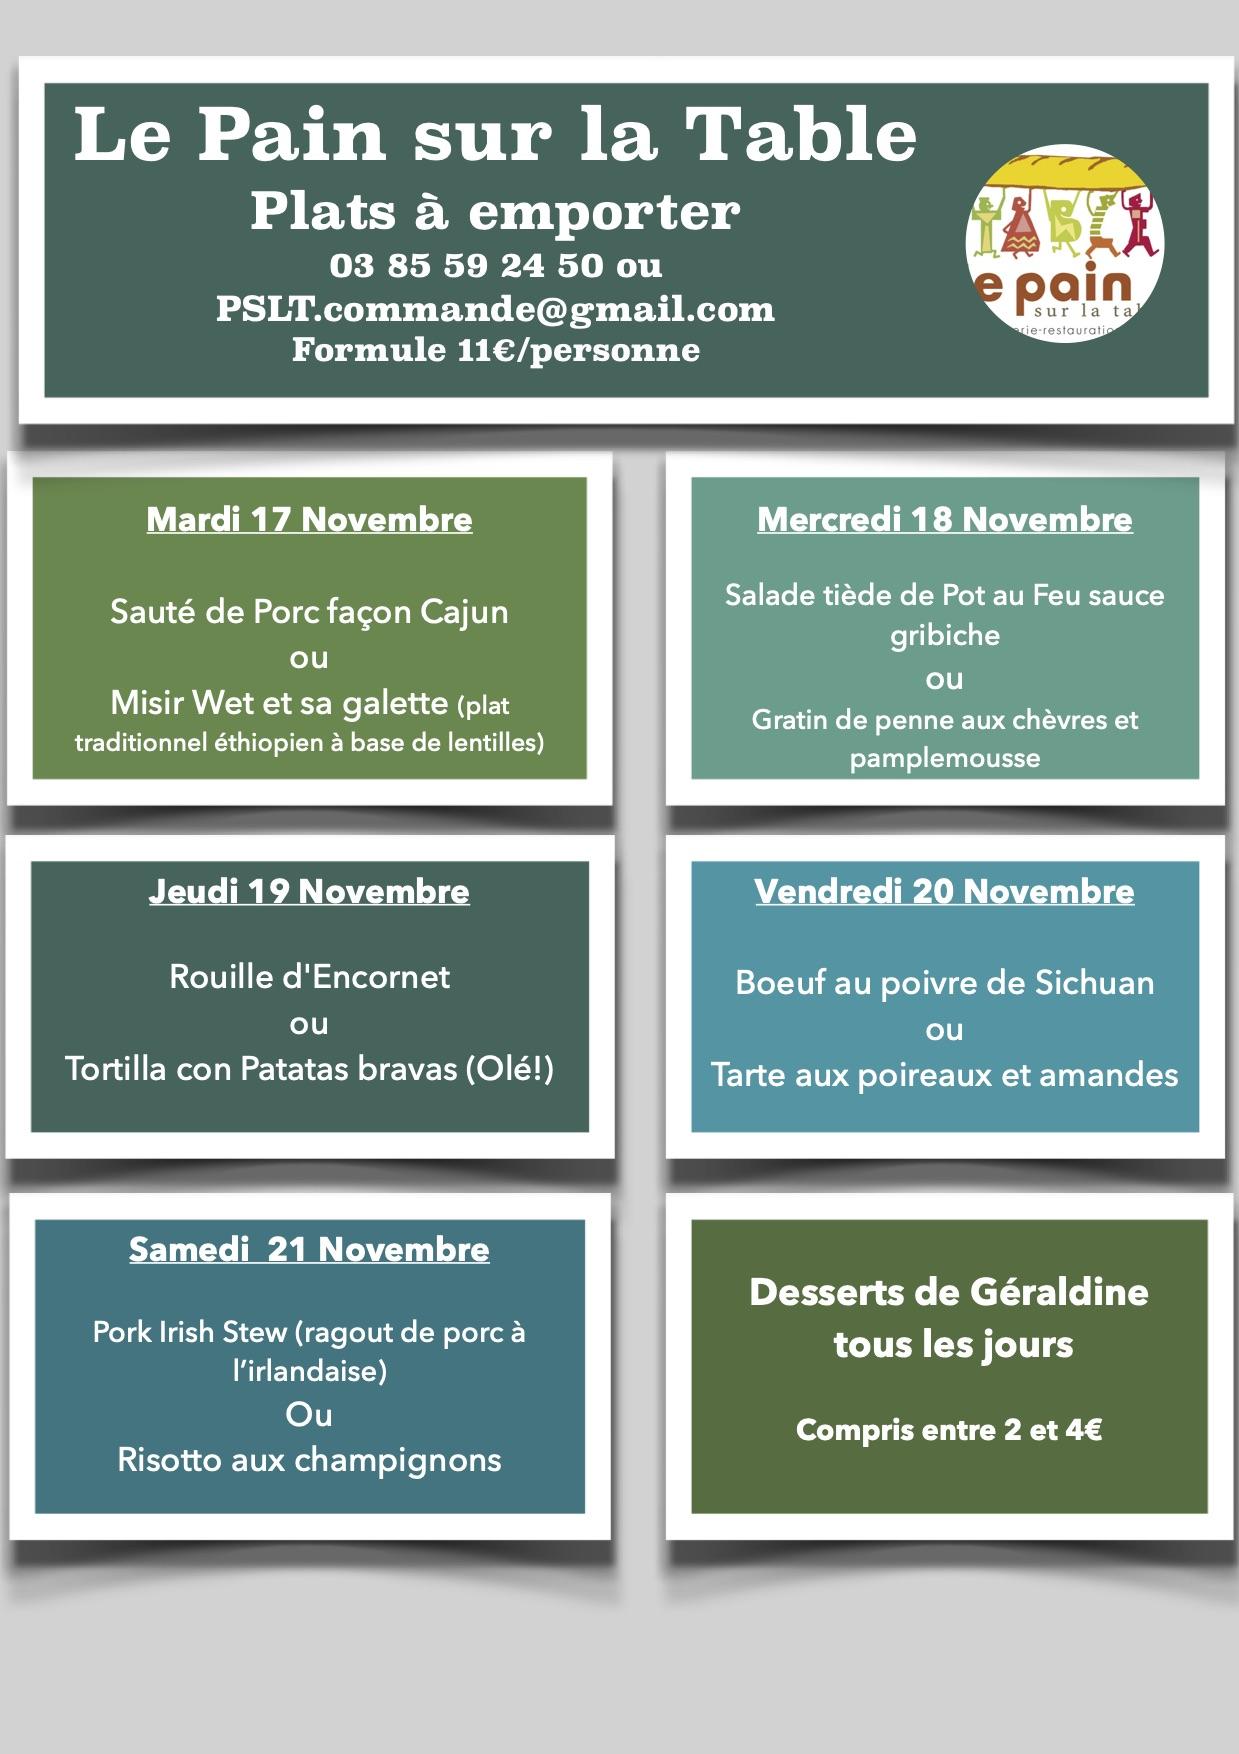 Les Menus de la semaine du 17 au 21 Novembre 2020